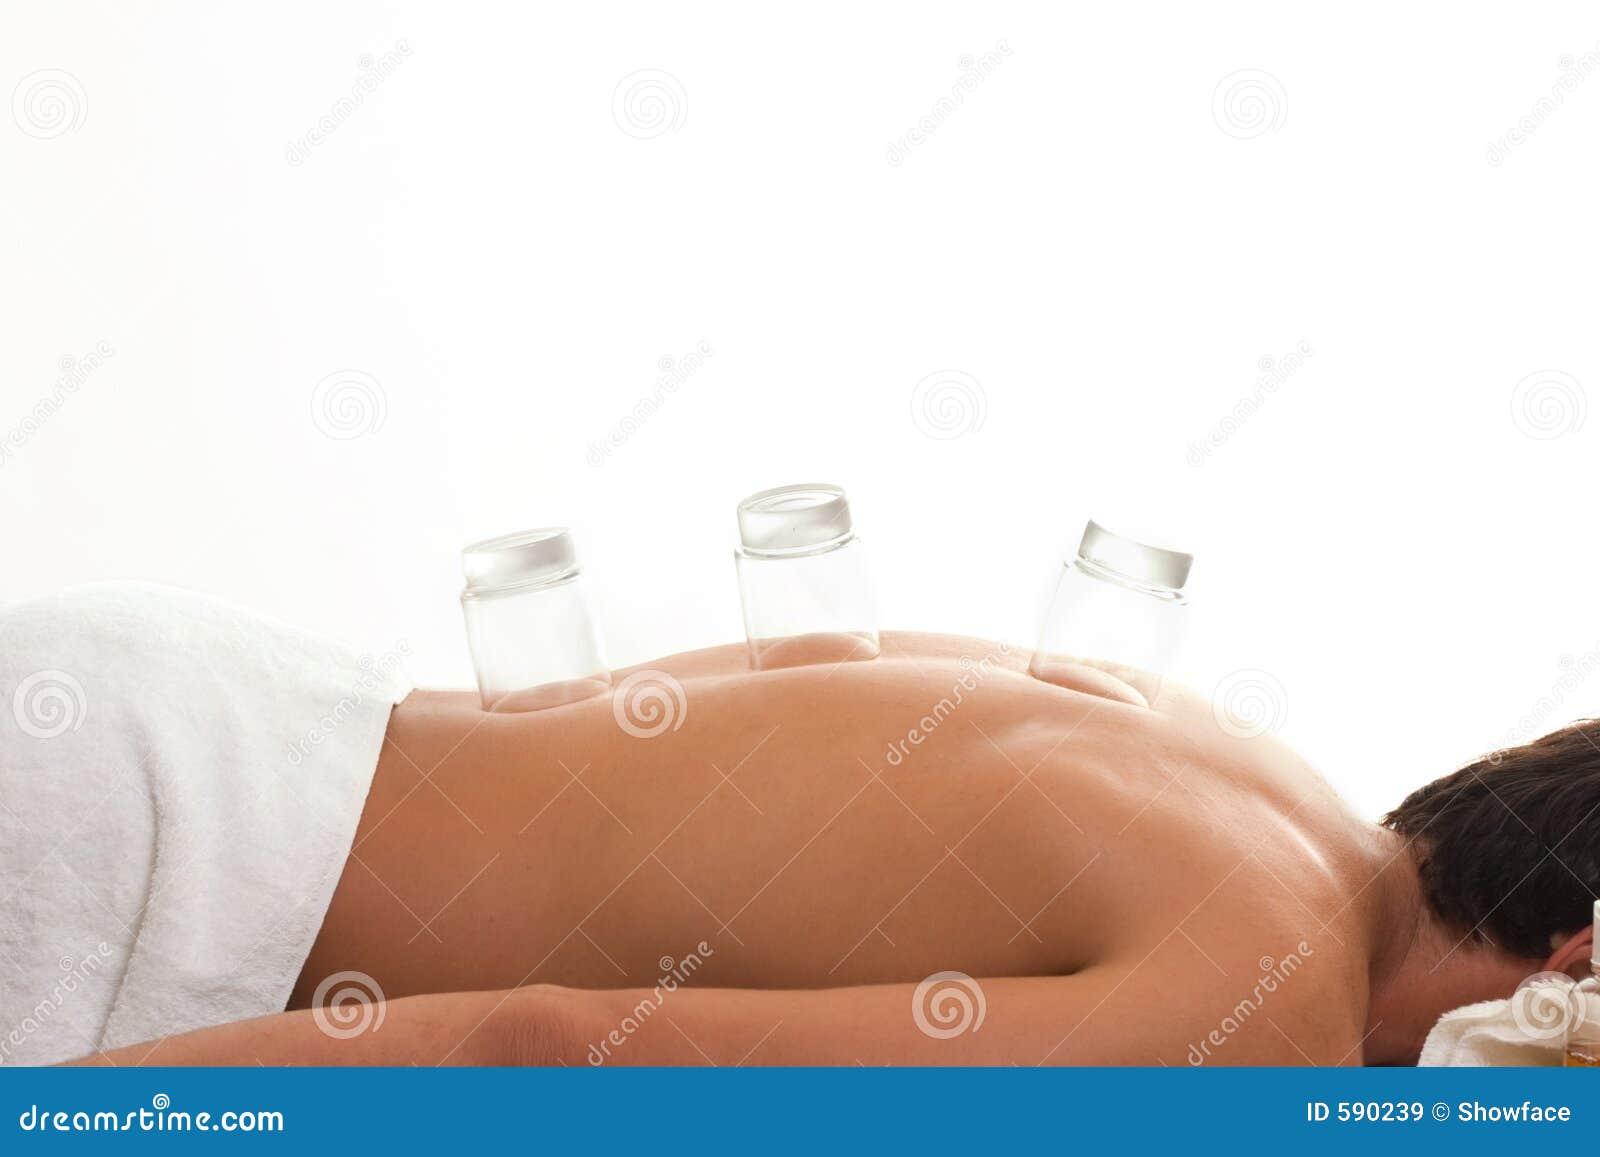 Terapia de ahuecamiento